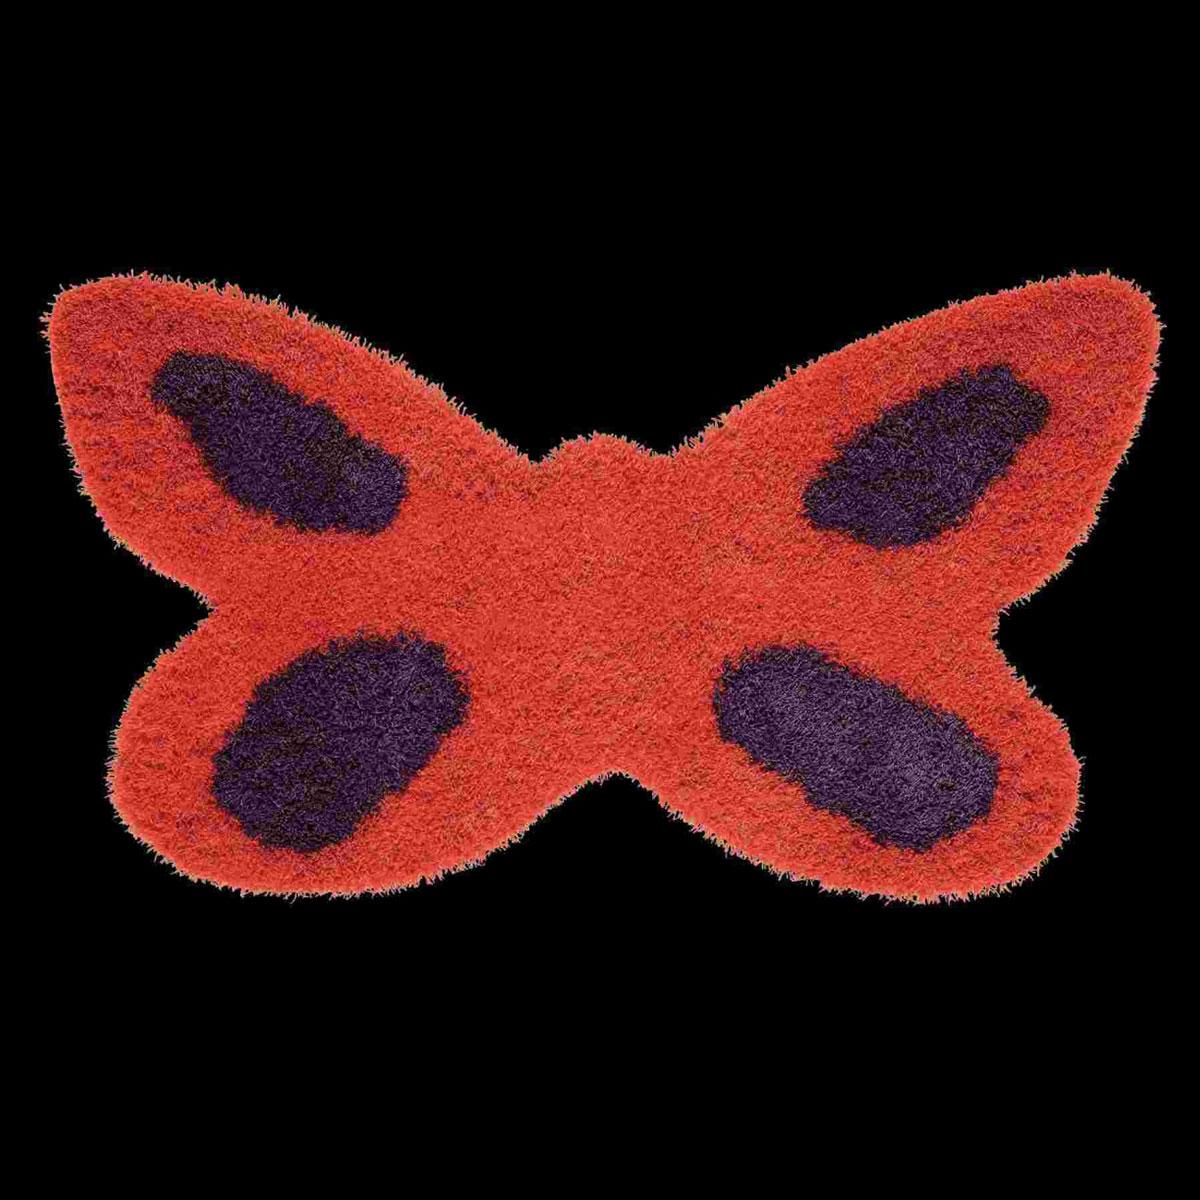 butterfly-daisy-orange